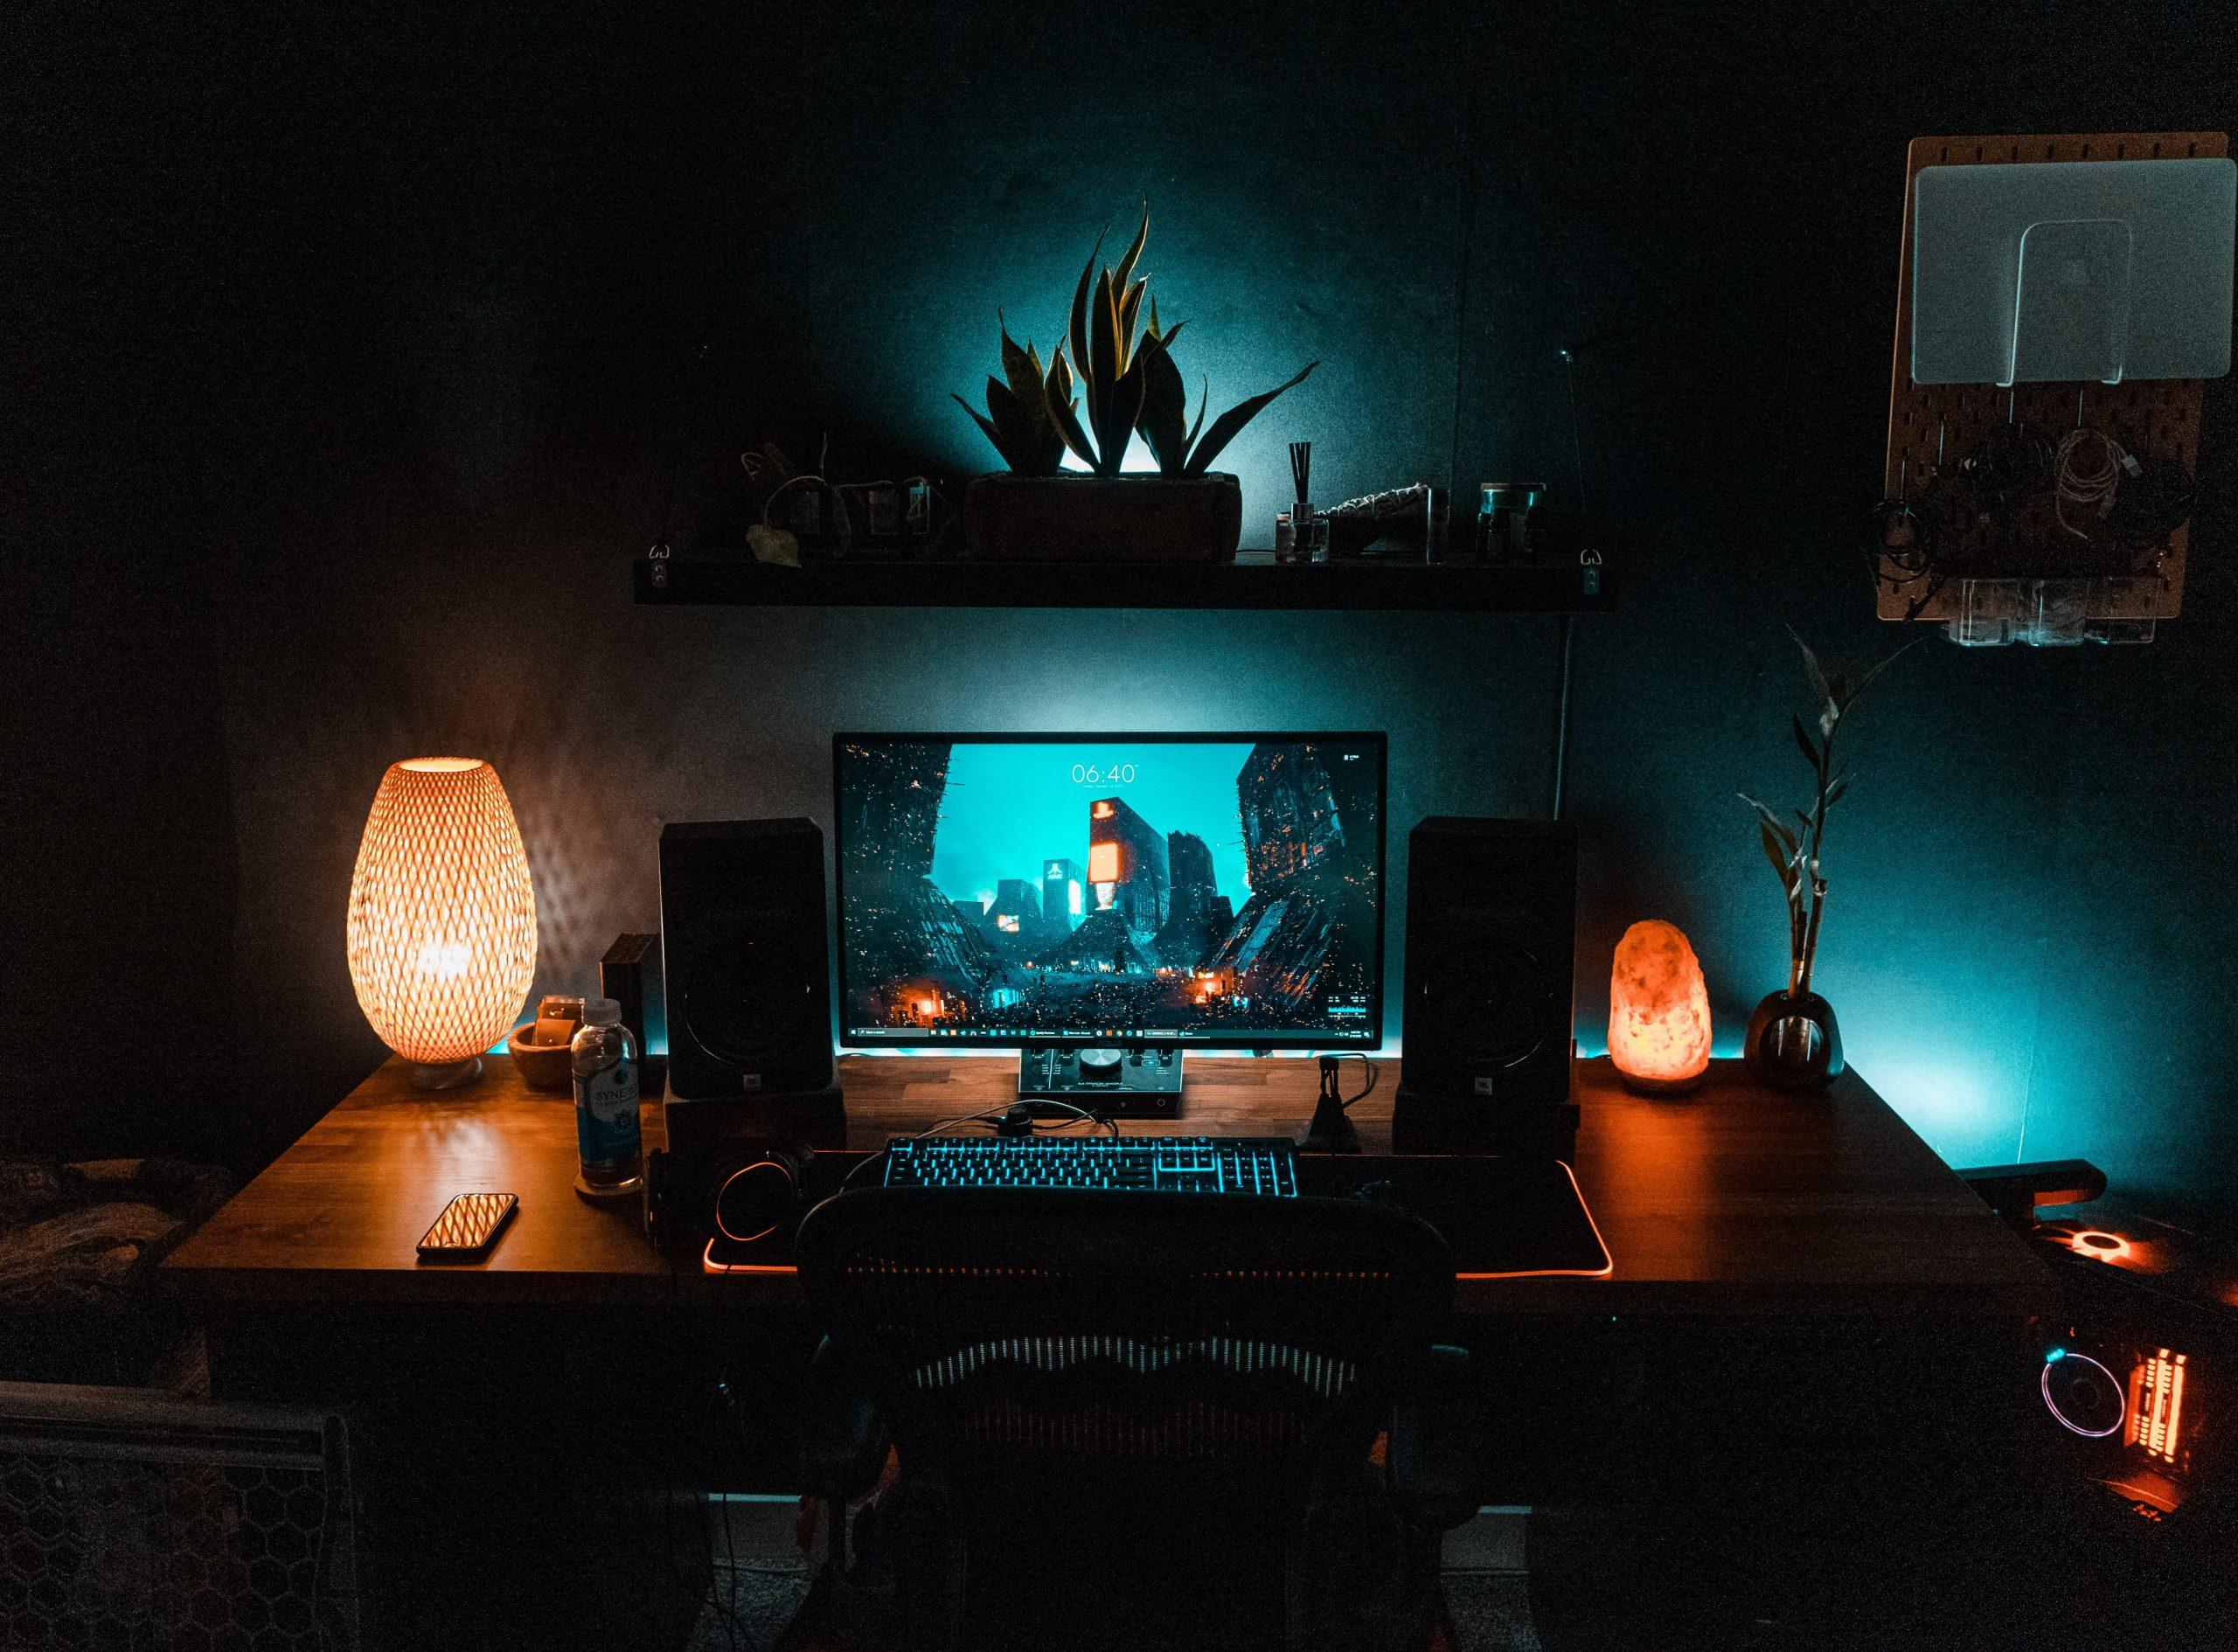 Czy warto zainwestować w składany komputer do gier?